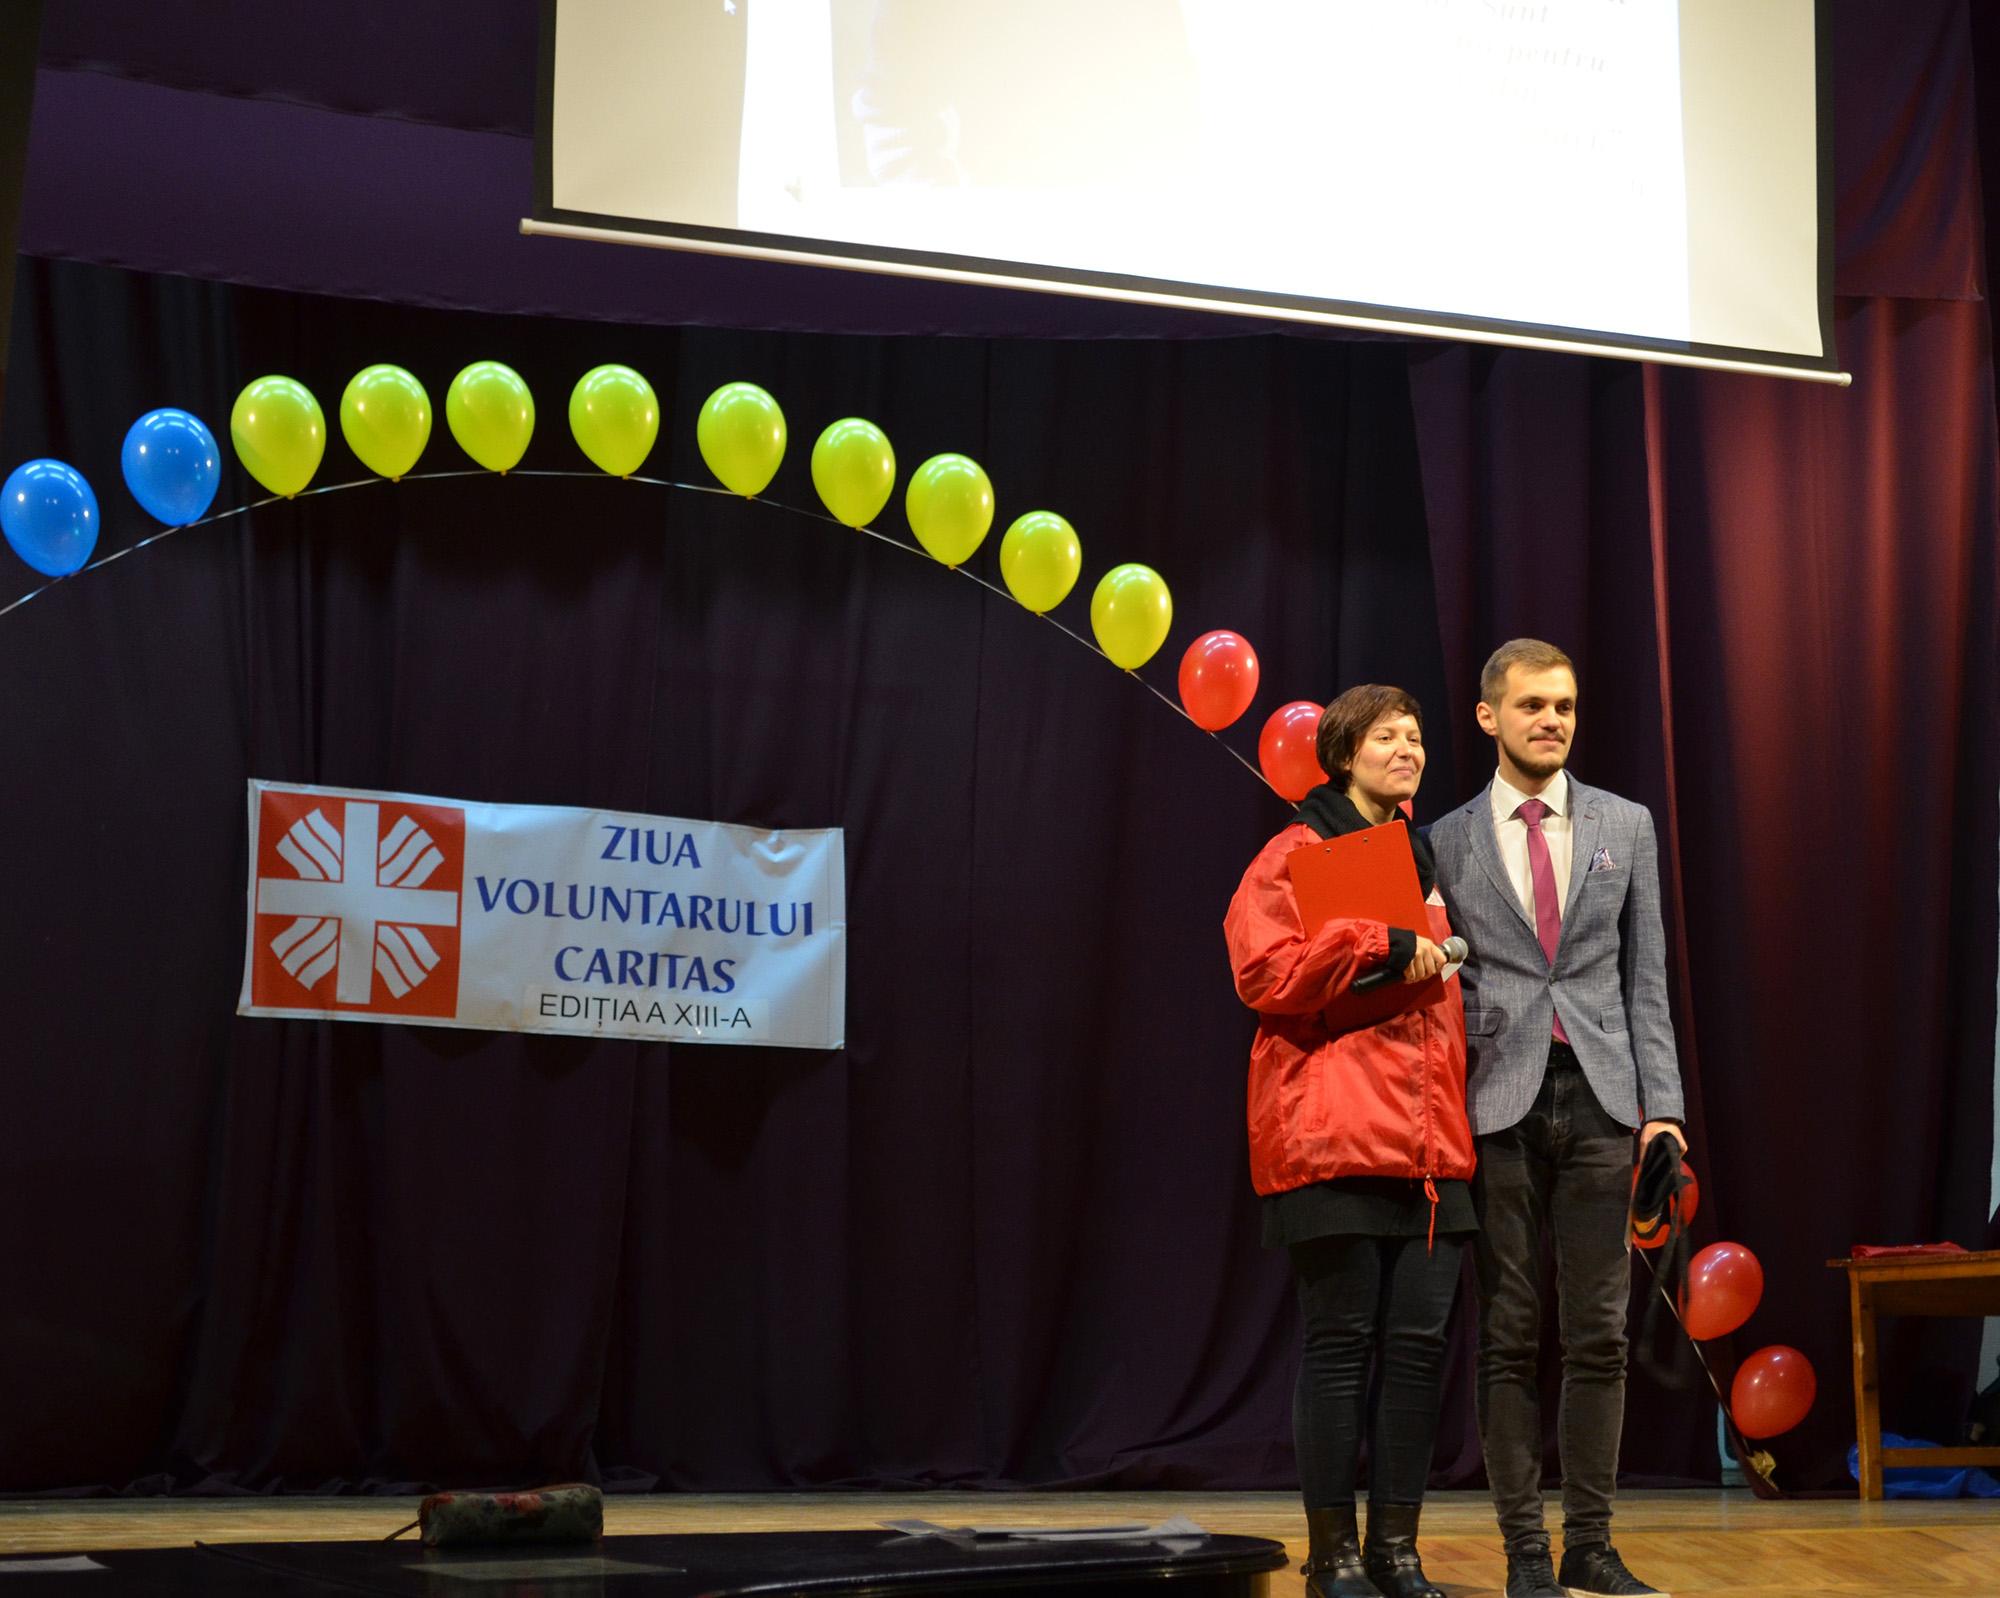 premiul pentru formarea voluntarilor